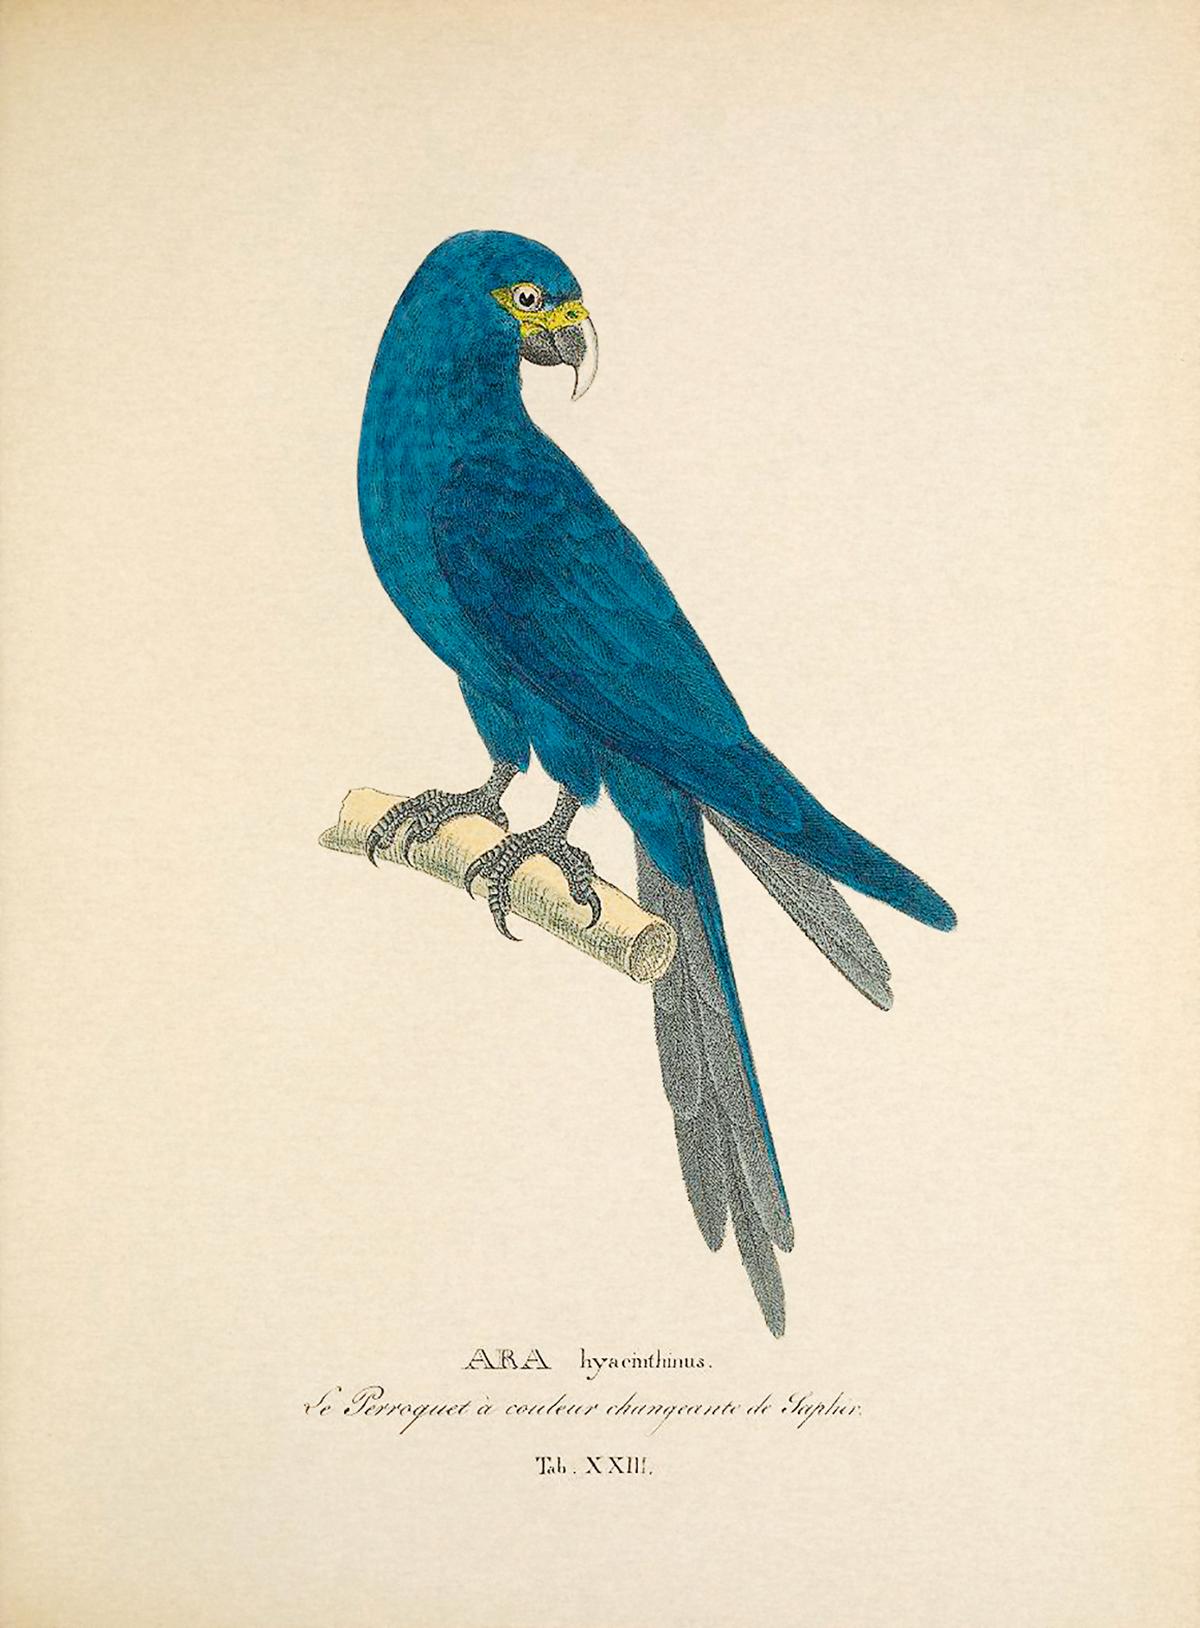 Em 1824, num livro do alemão Johann von Spix, publicou-se pela primeira vez a imagem da ave